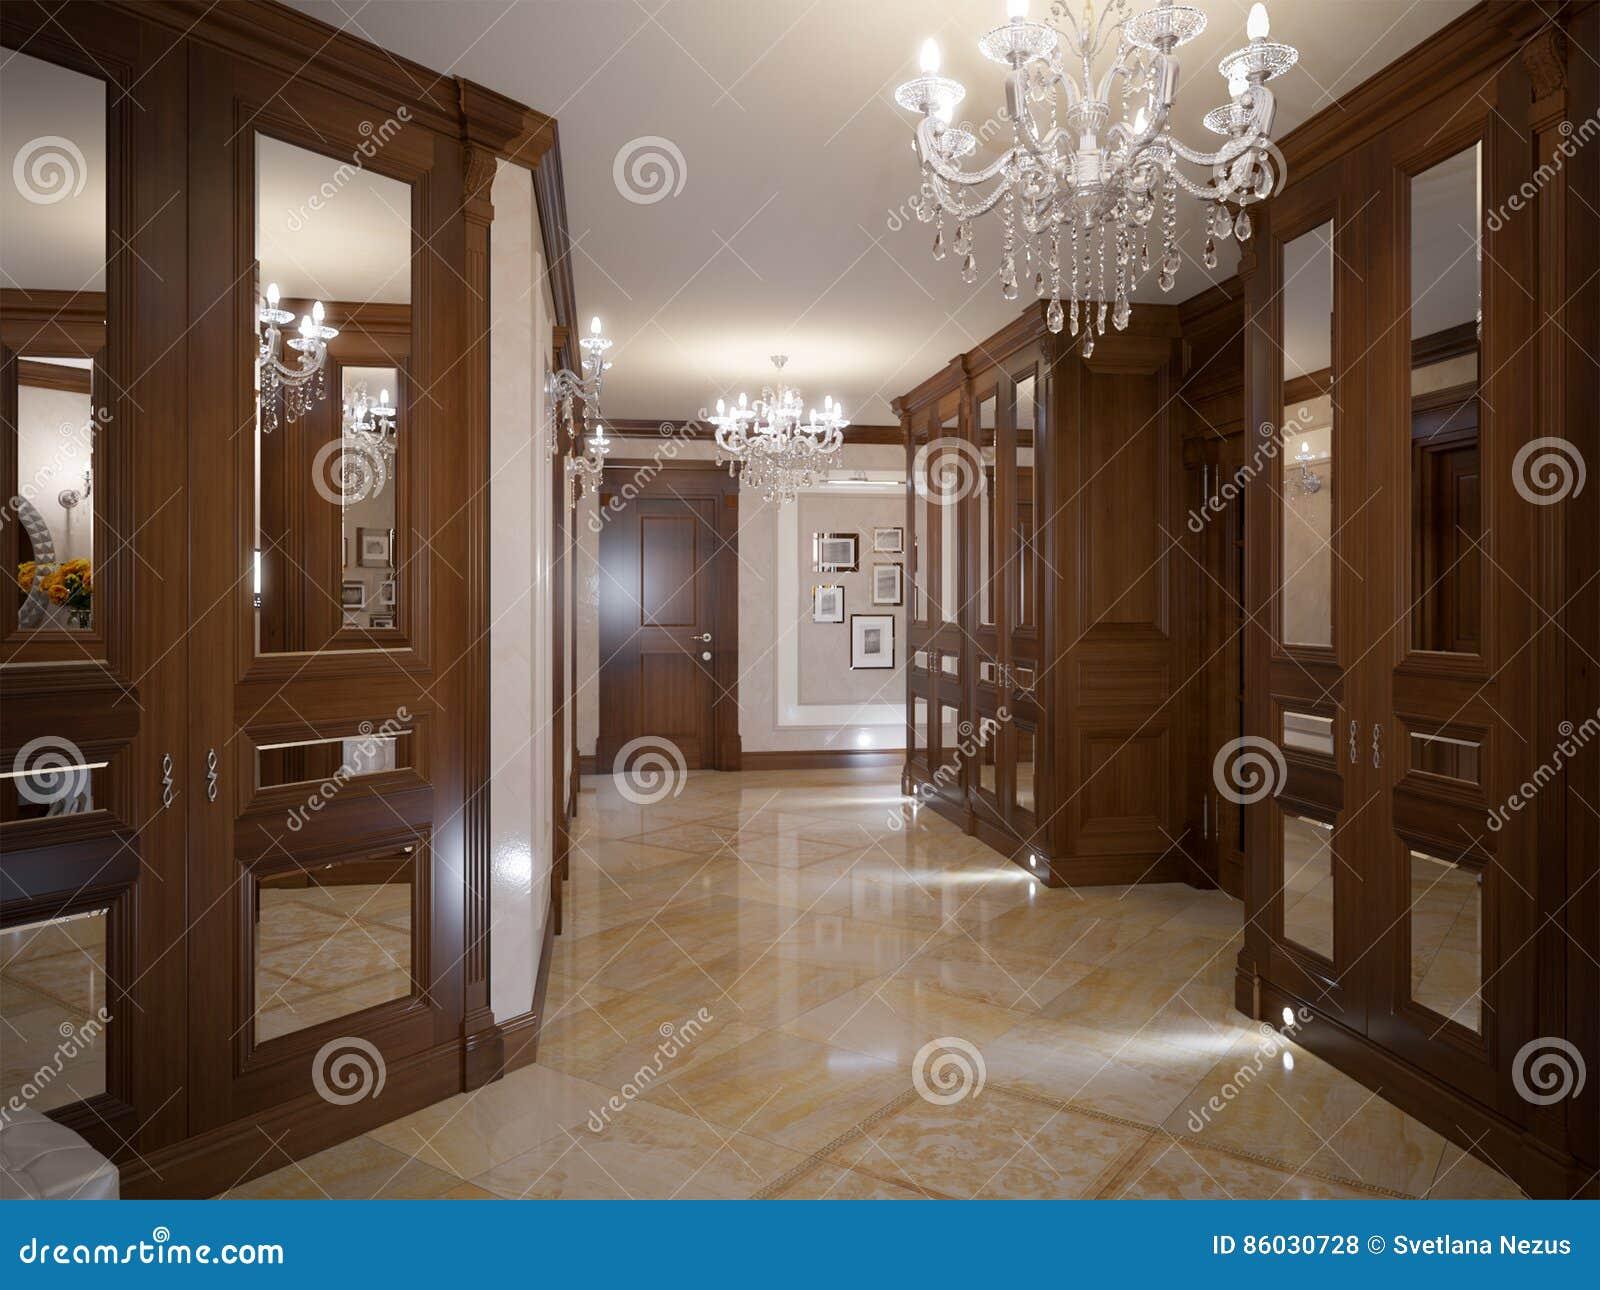 Elegant classic and luxurious hall interior design